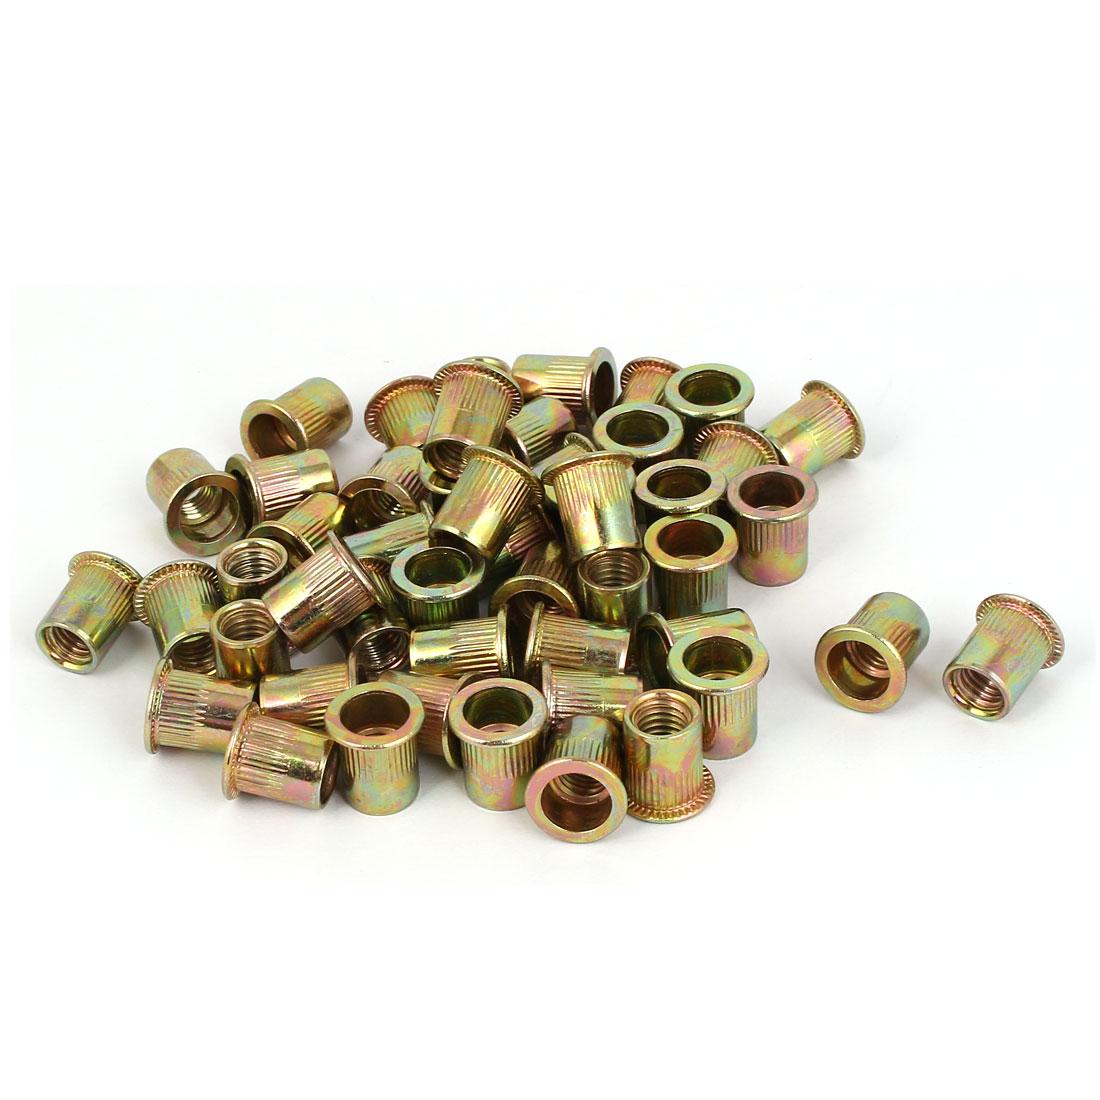 Carbon Steel Zinc Plated Straight Knurled Reduced Head Rivet Nut Insert Nutsert Bronze Tone M8x14mm 50pcs